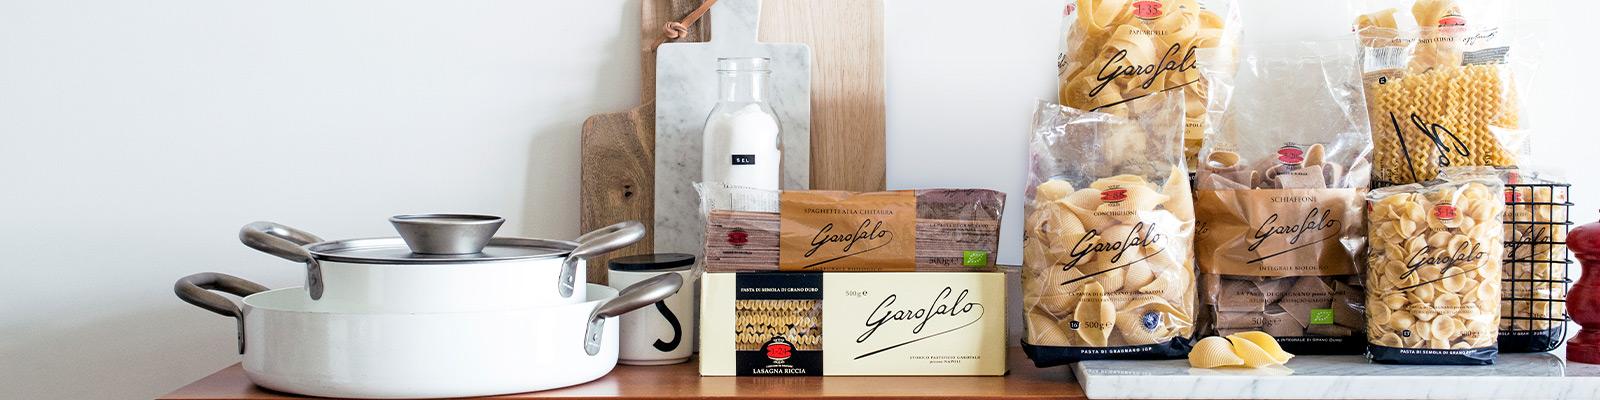 Pasta Garofalo - Speciale Vormen